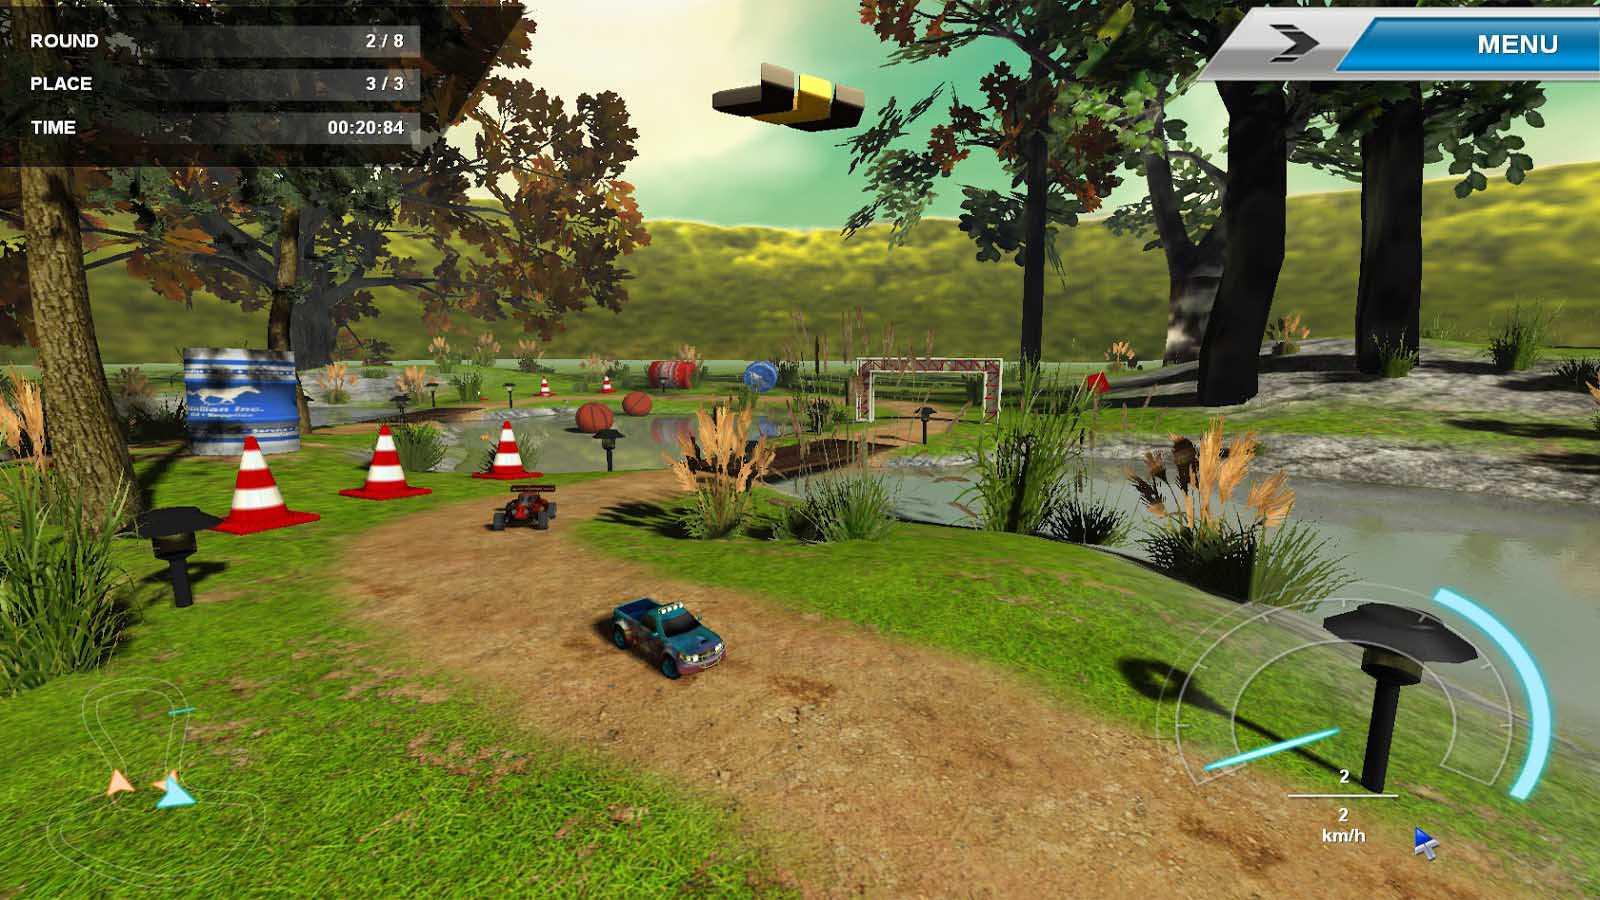 تحميل لعبة RC Racing Off Road مضغوطة برابط واحد مباشر كاملة مجانا